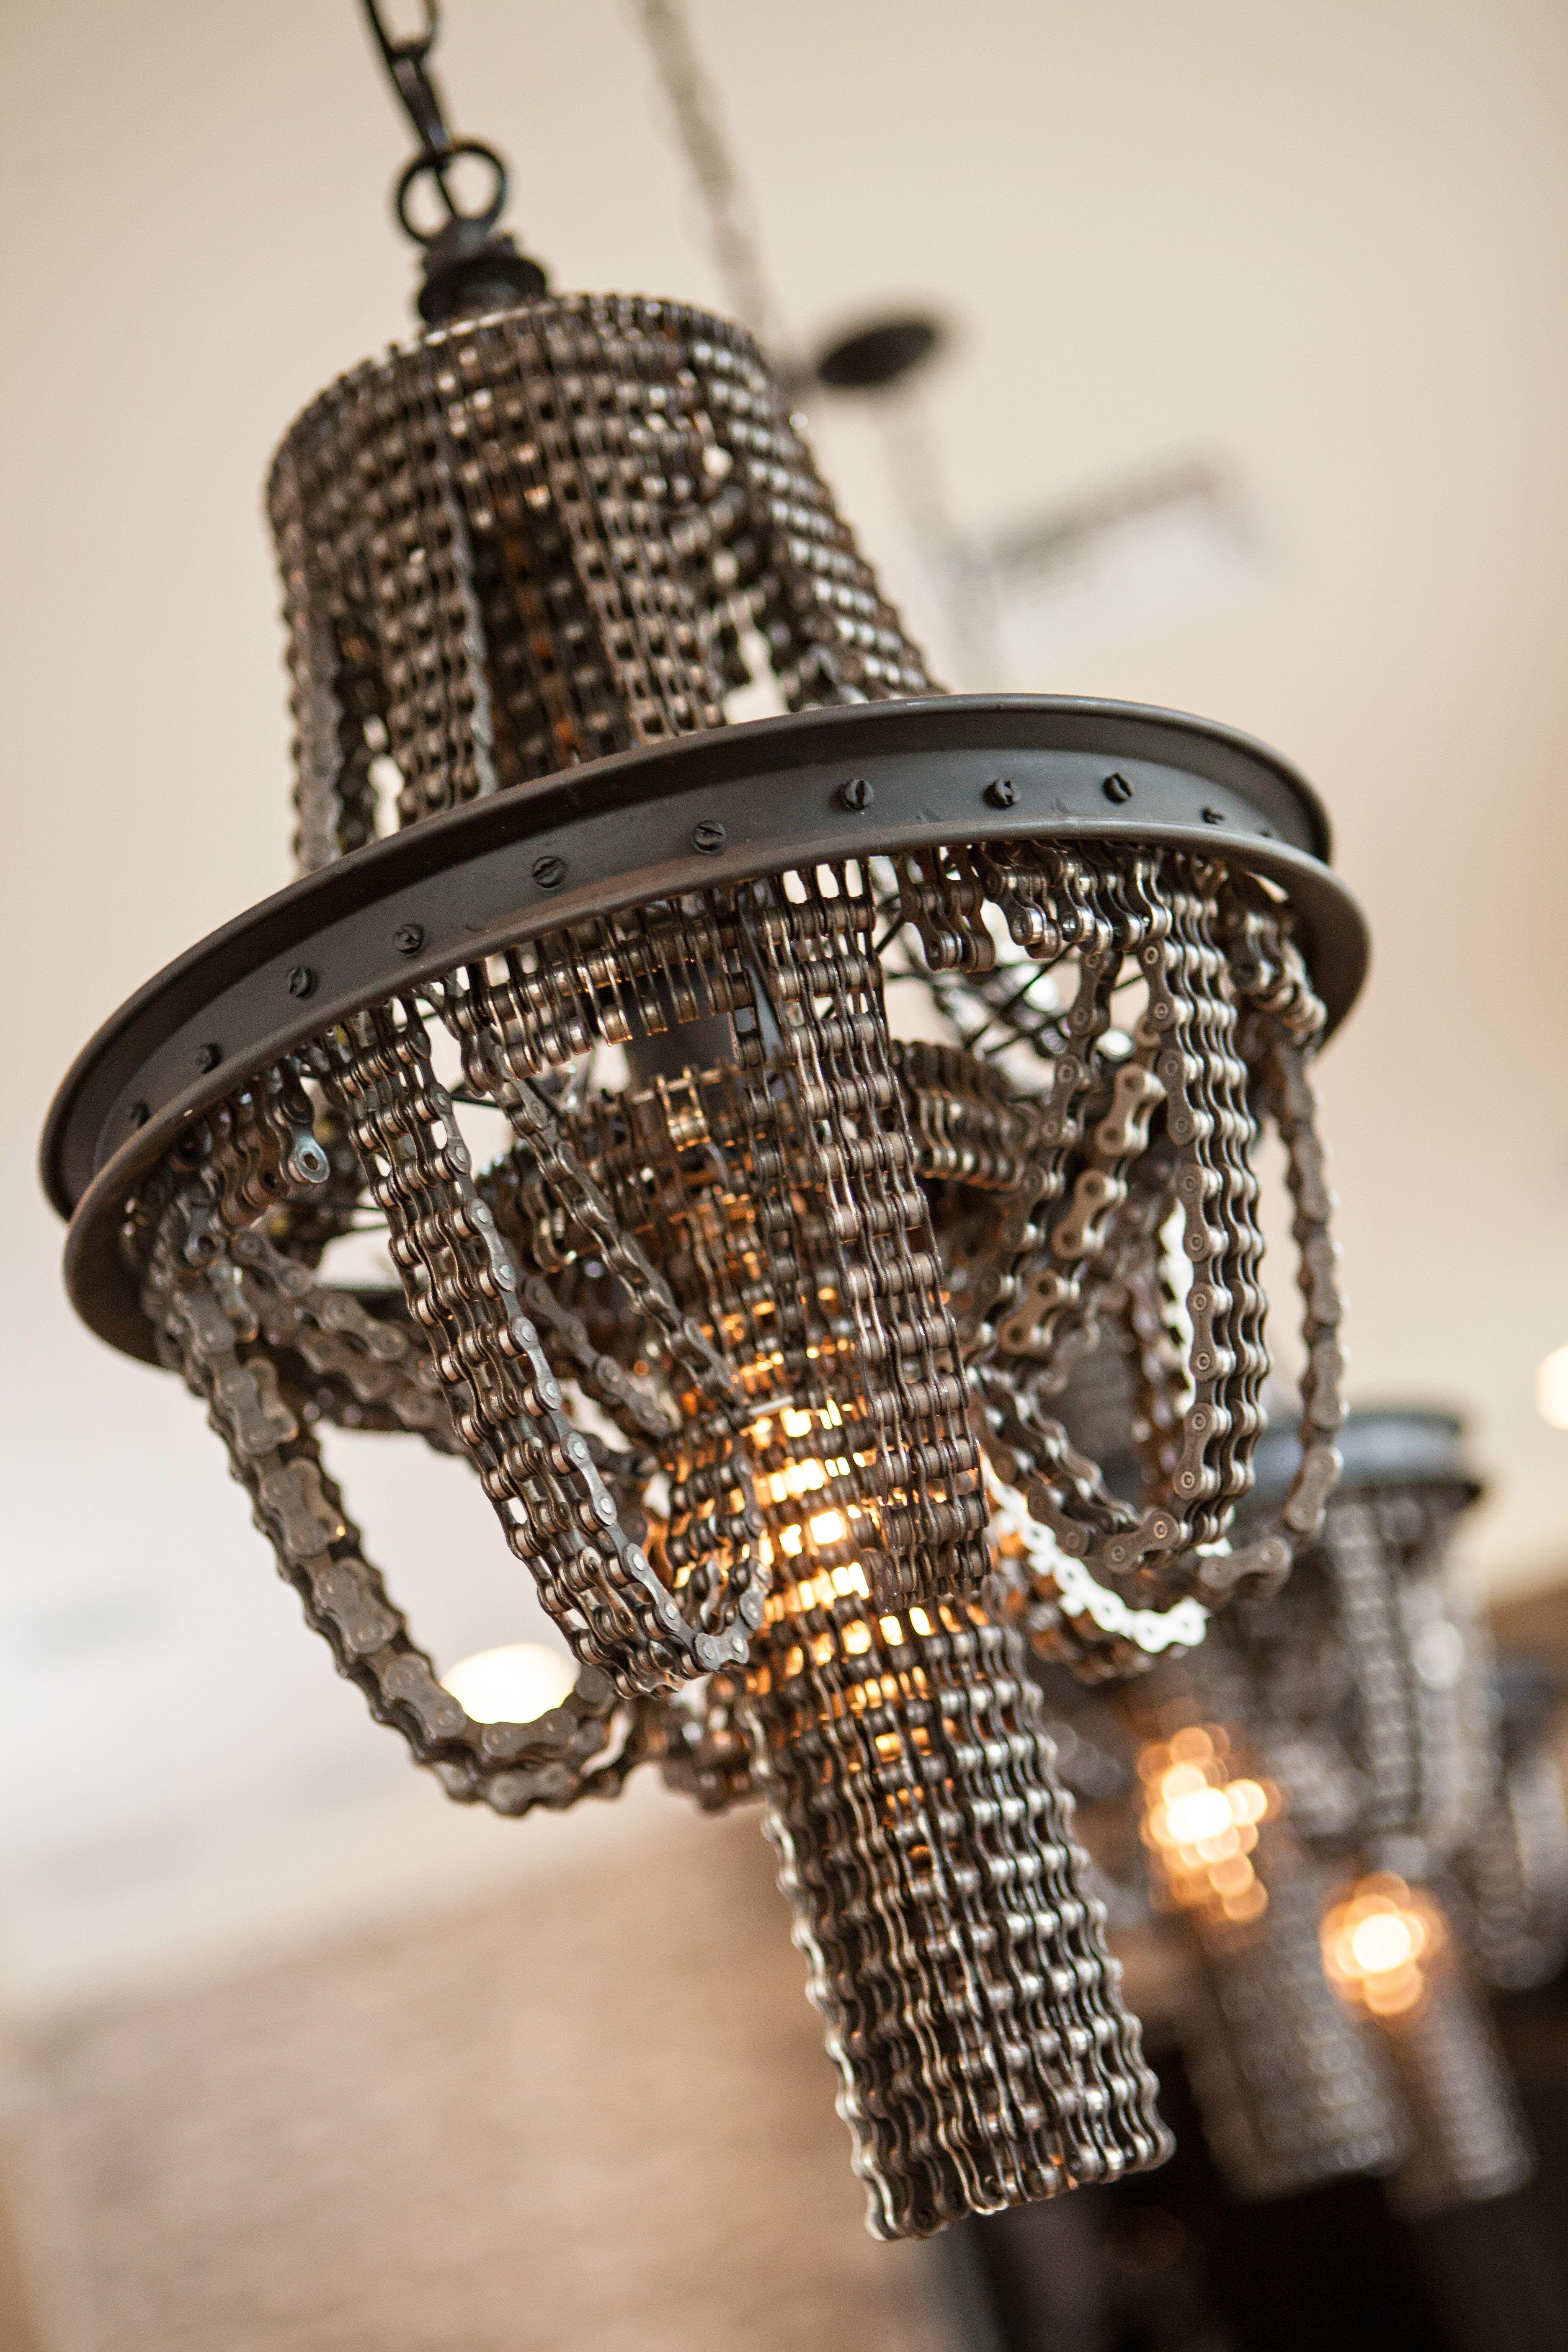 Recycled bike chain chandelier via studio ten 25 light for recycled bike chain chandelier via studio ten 25 arubaitofo Image collections